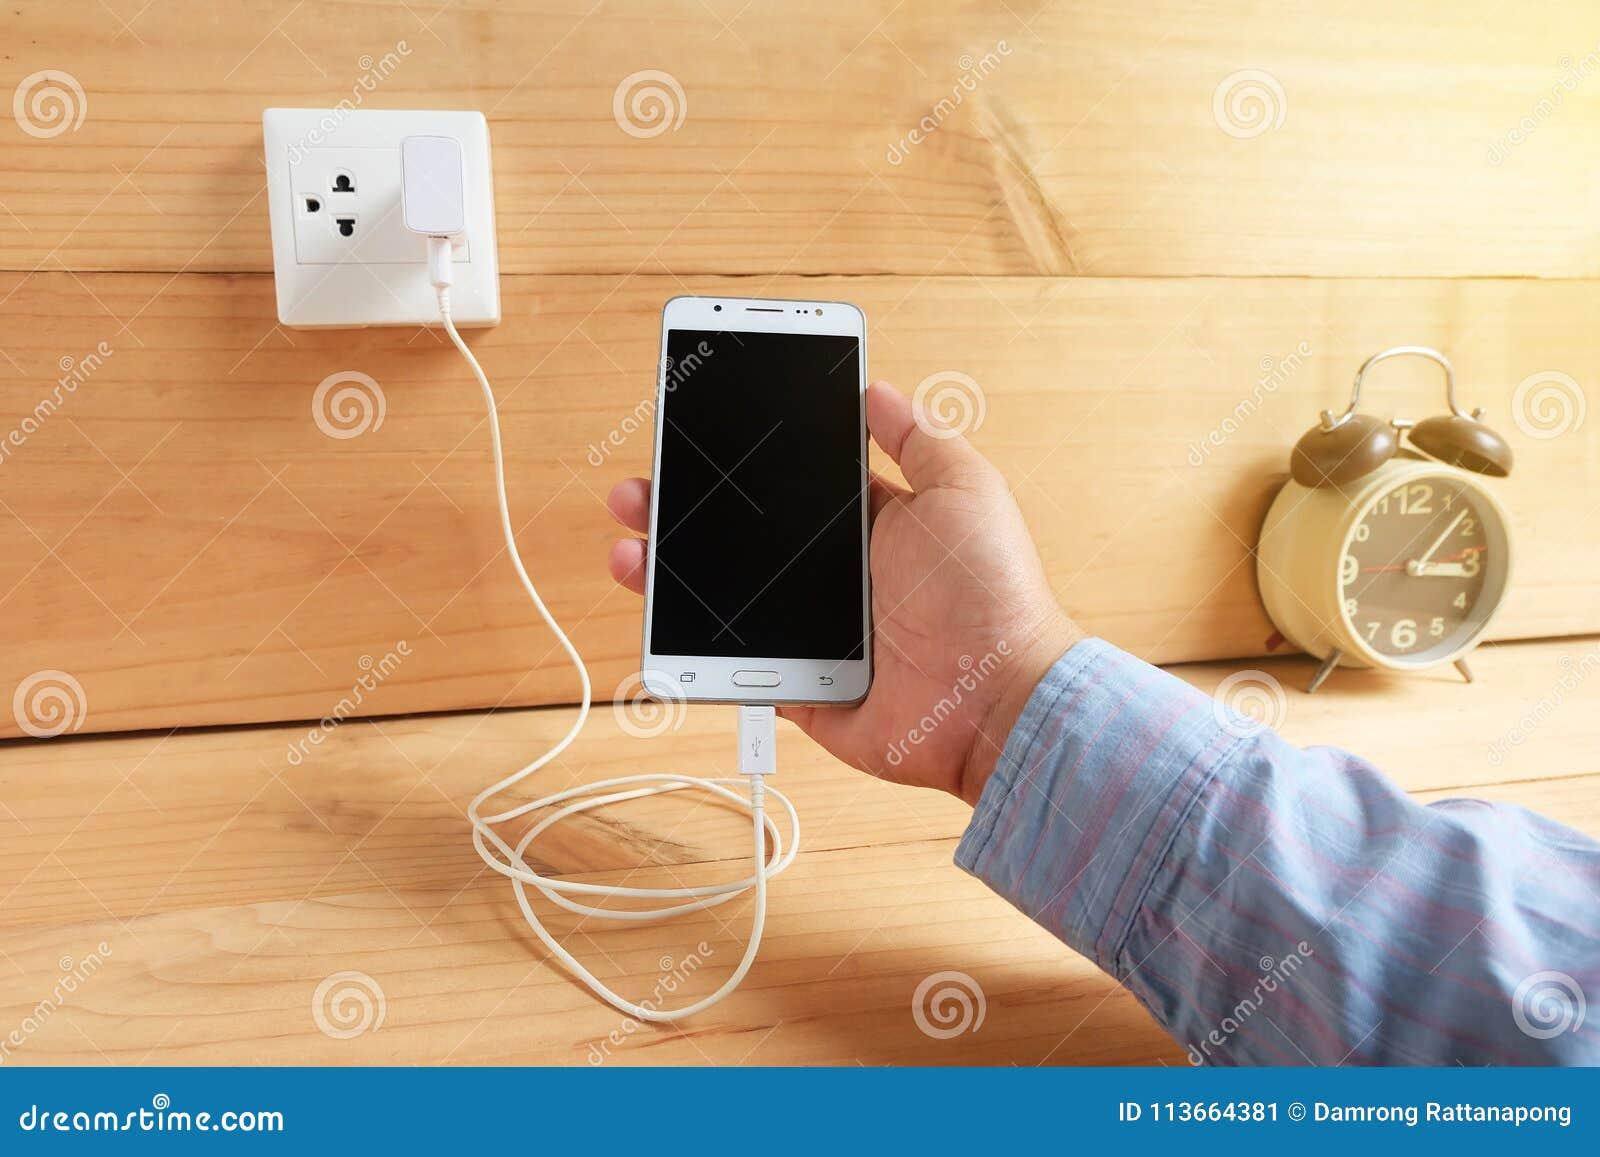 Teléfono móvil y carga